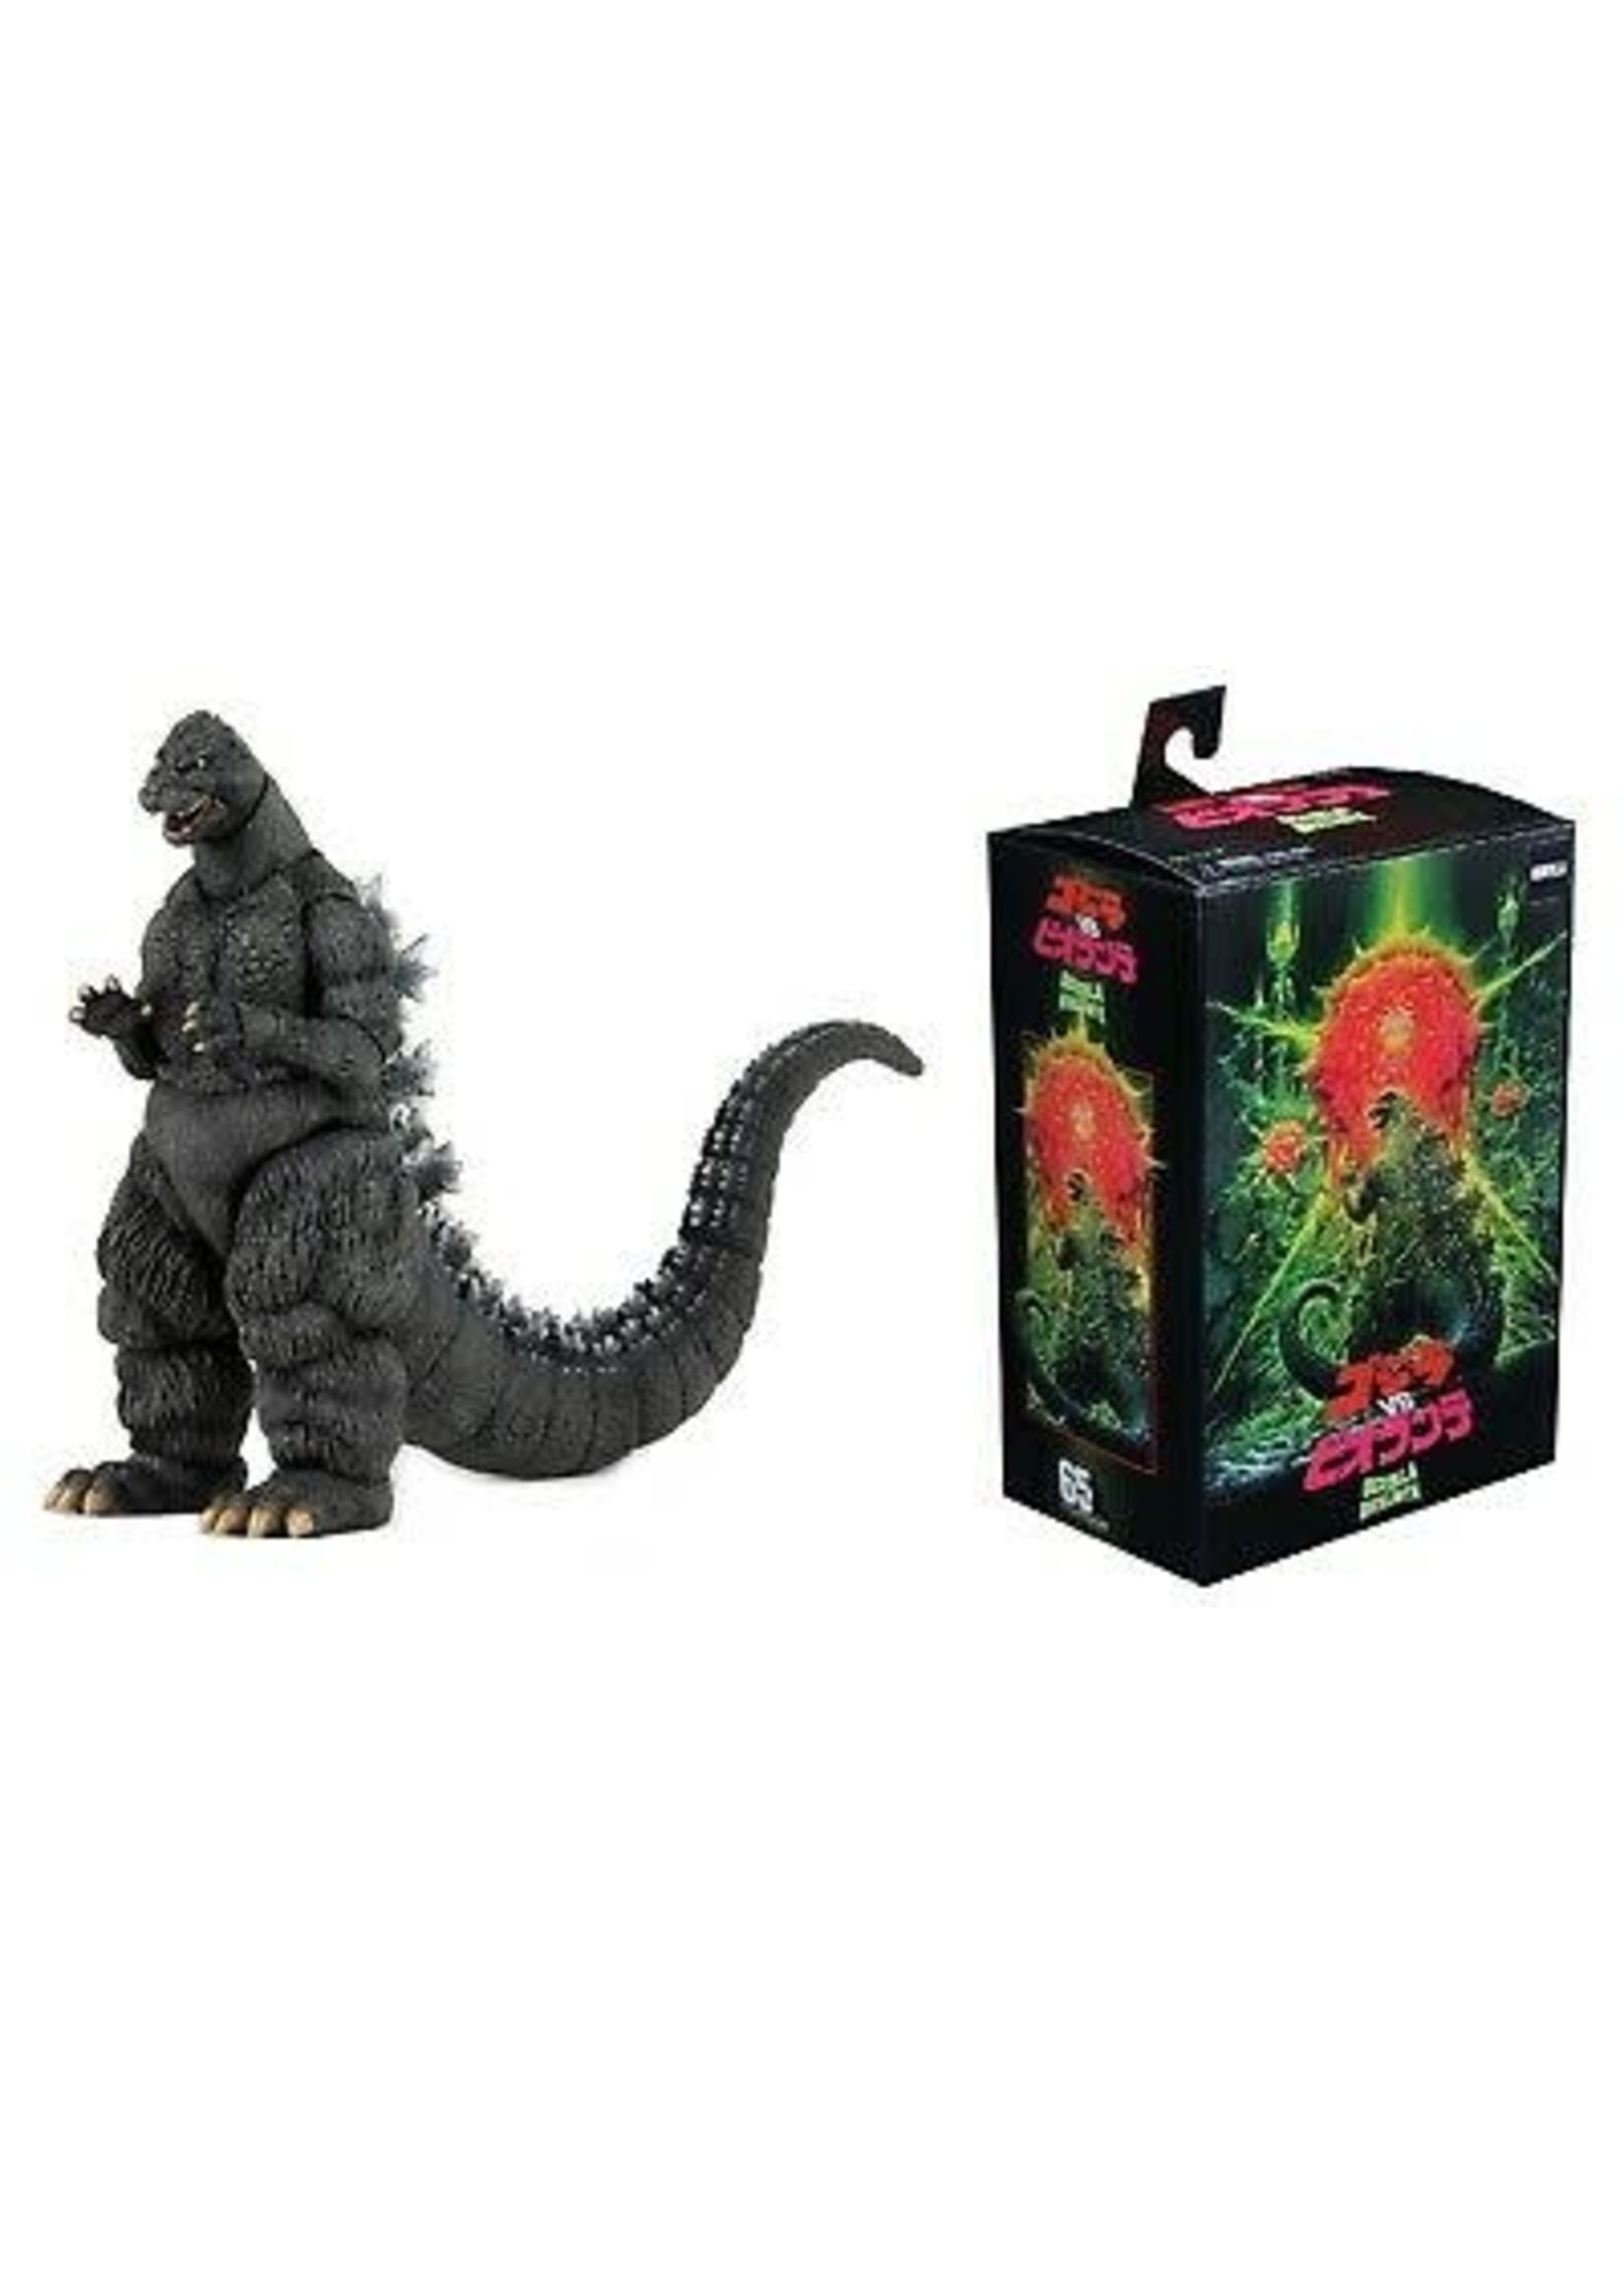 Neca Godzilla Vs Biollante